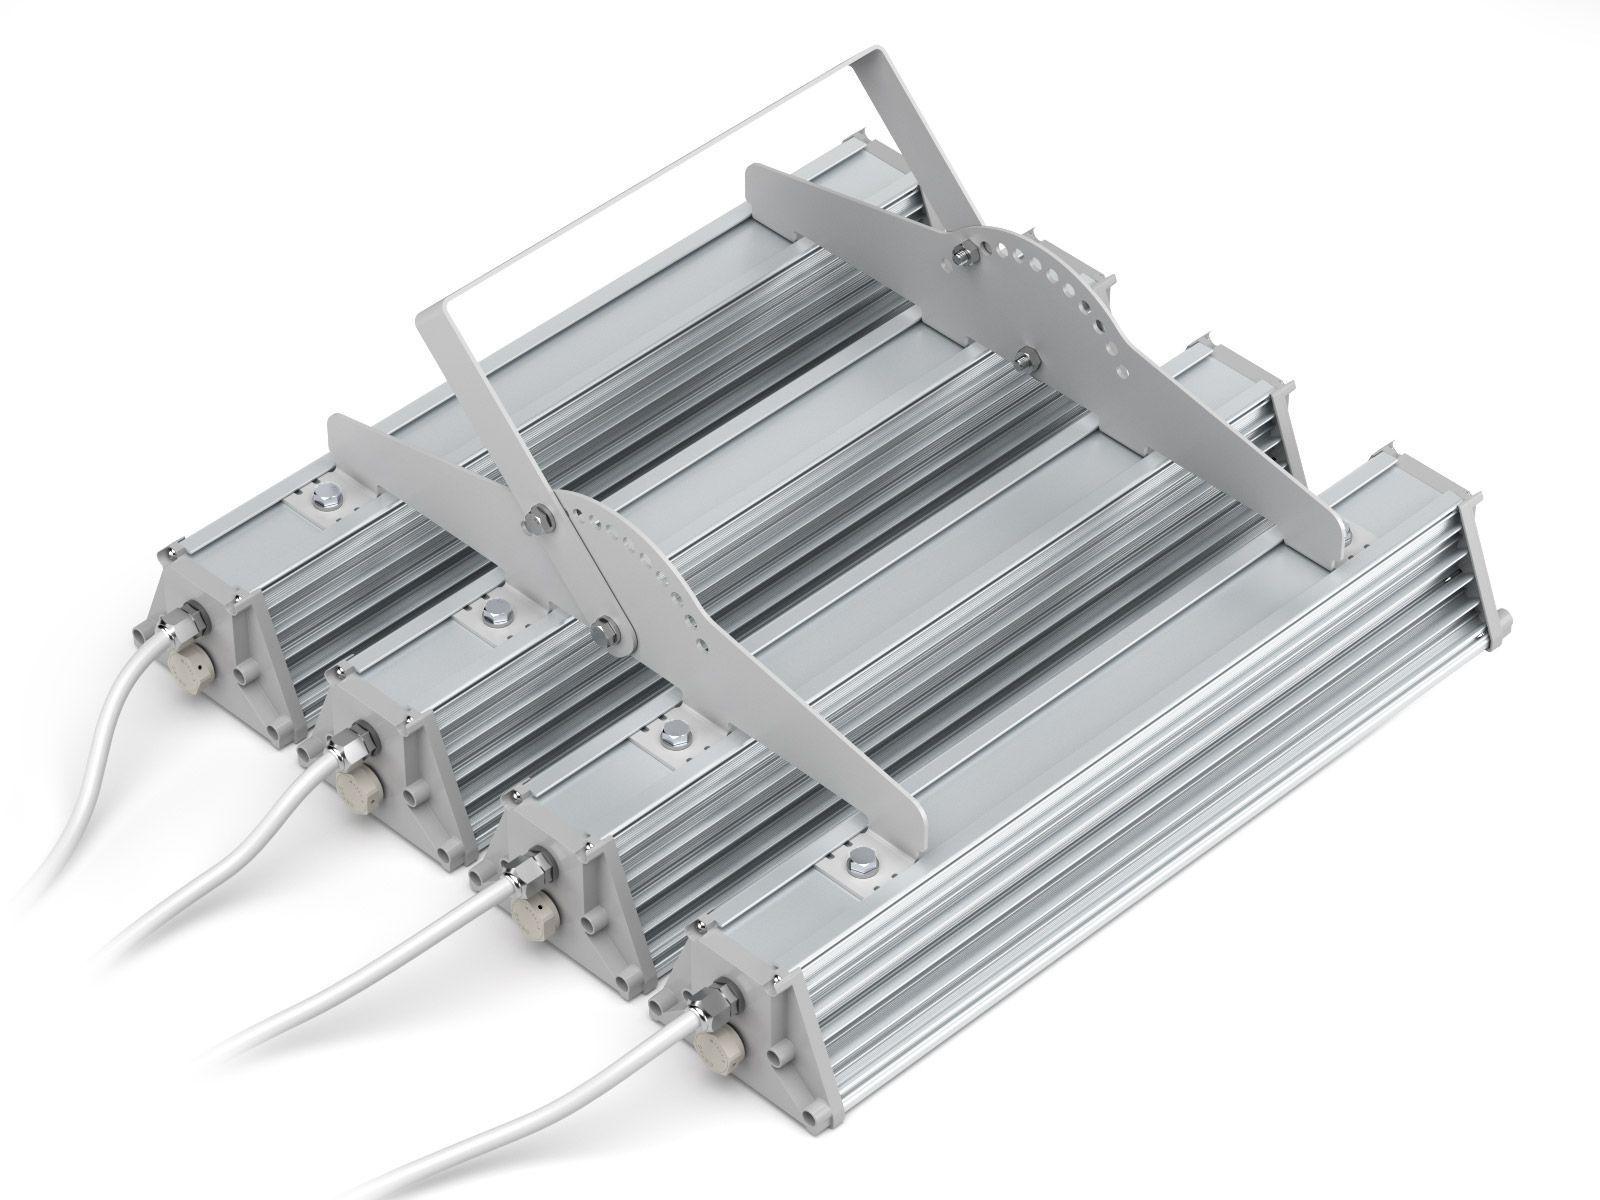 Объединяющая планка на 4 светильника с ухом регулировки